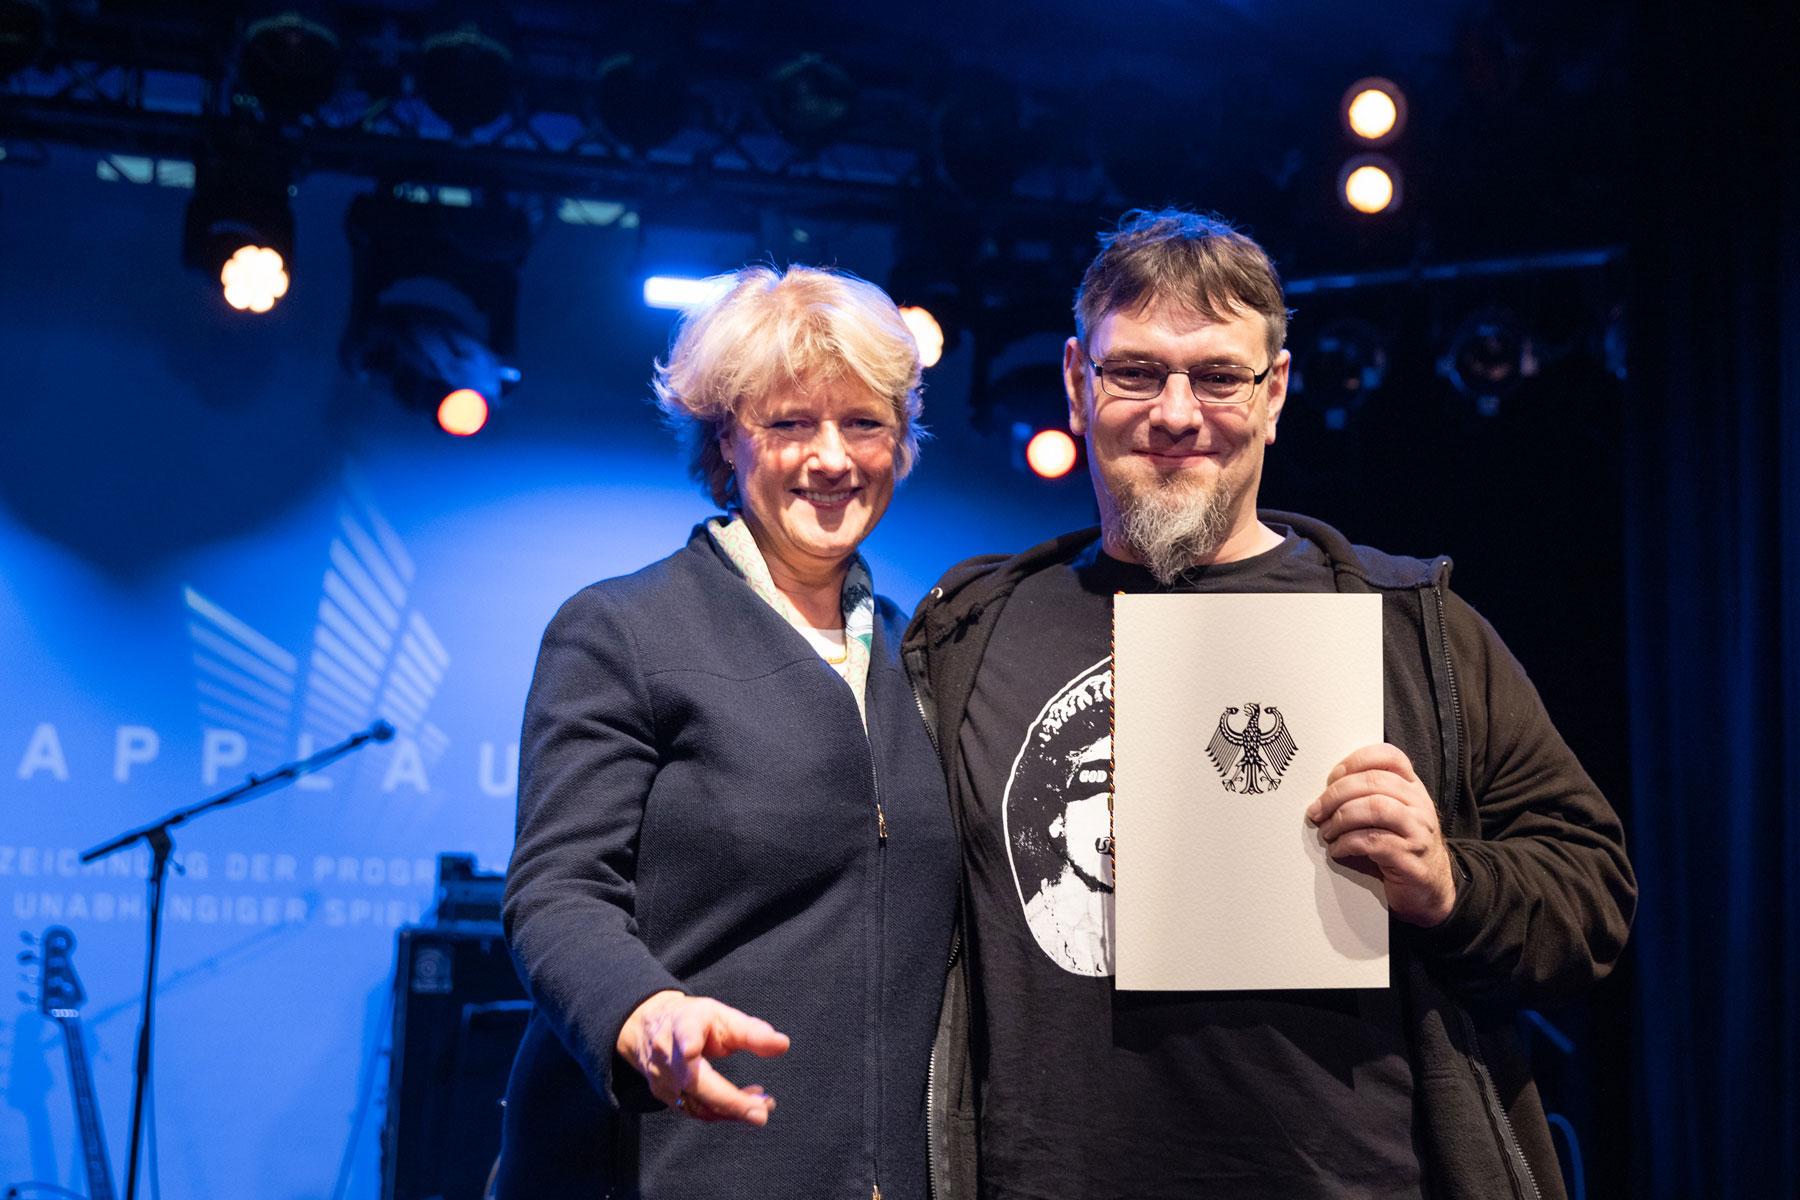 Sonderpreis-der-Jury-APPLAUS2019-SWieland